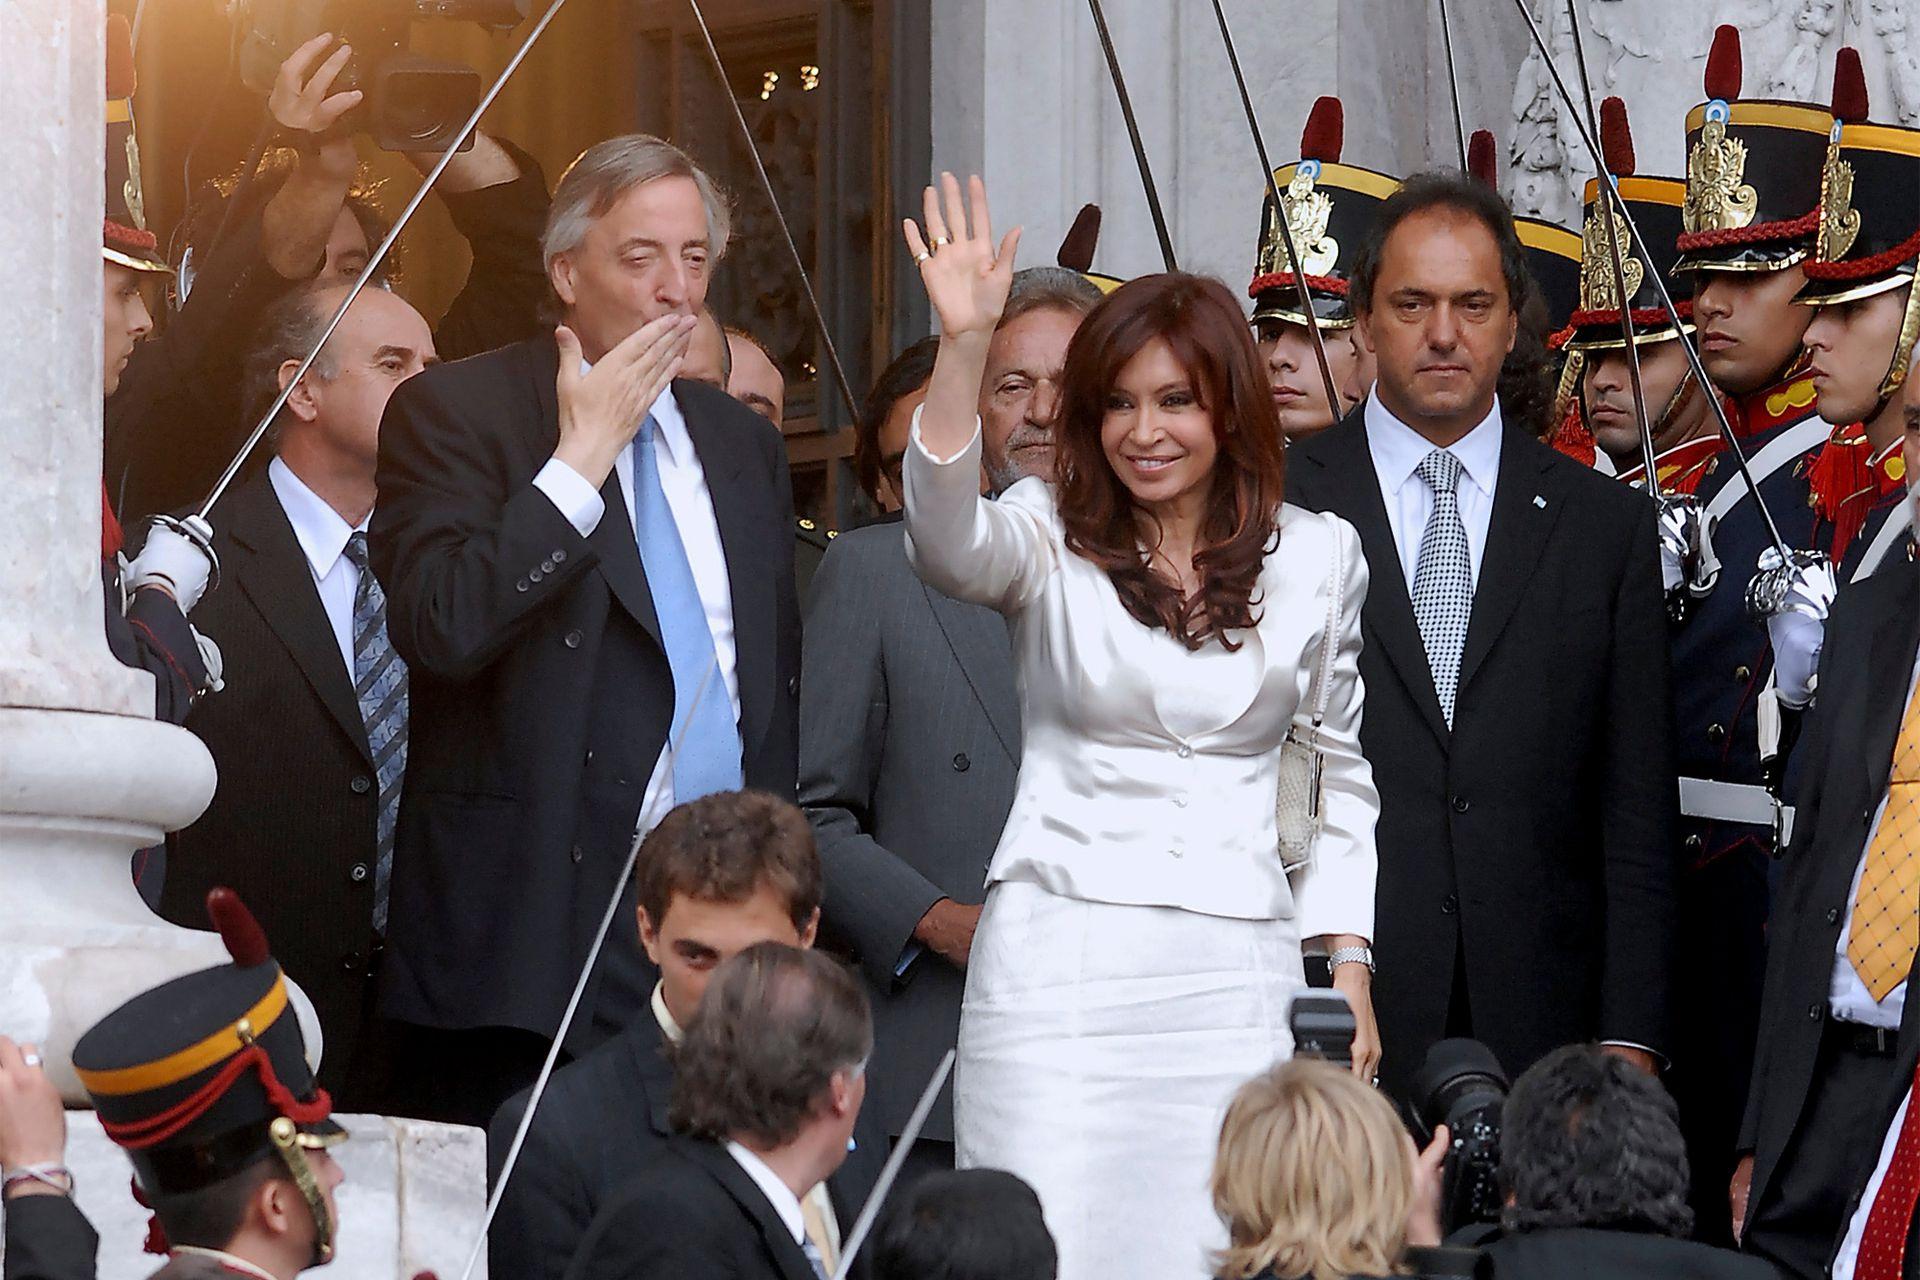 Néstor Kirchner con Cristina y Daniel Scioli inaugura las sesiones legislativas el 1º de marzo de 2007